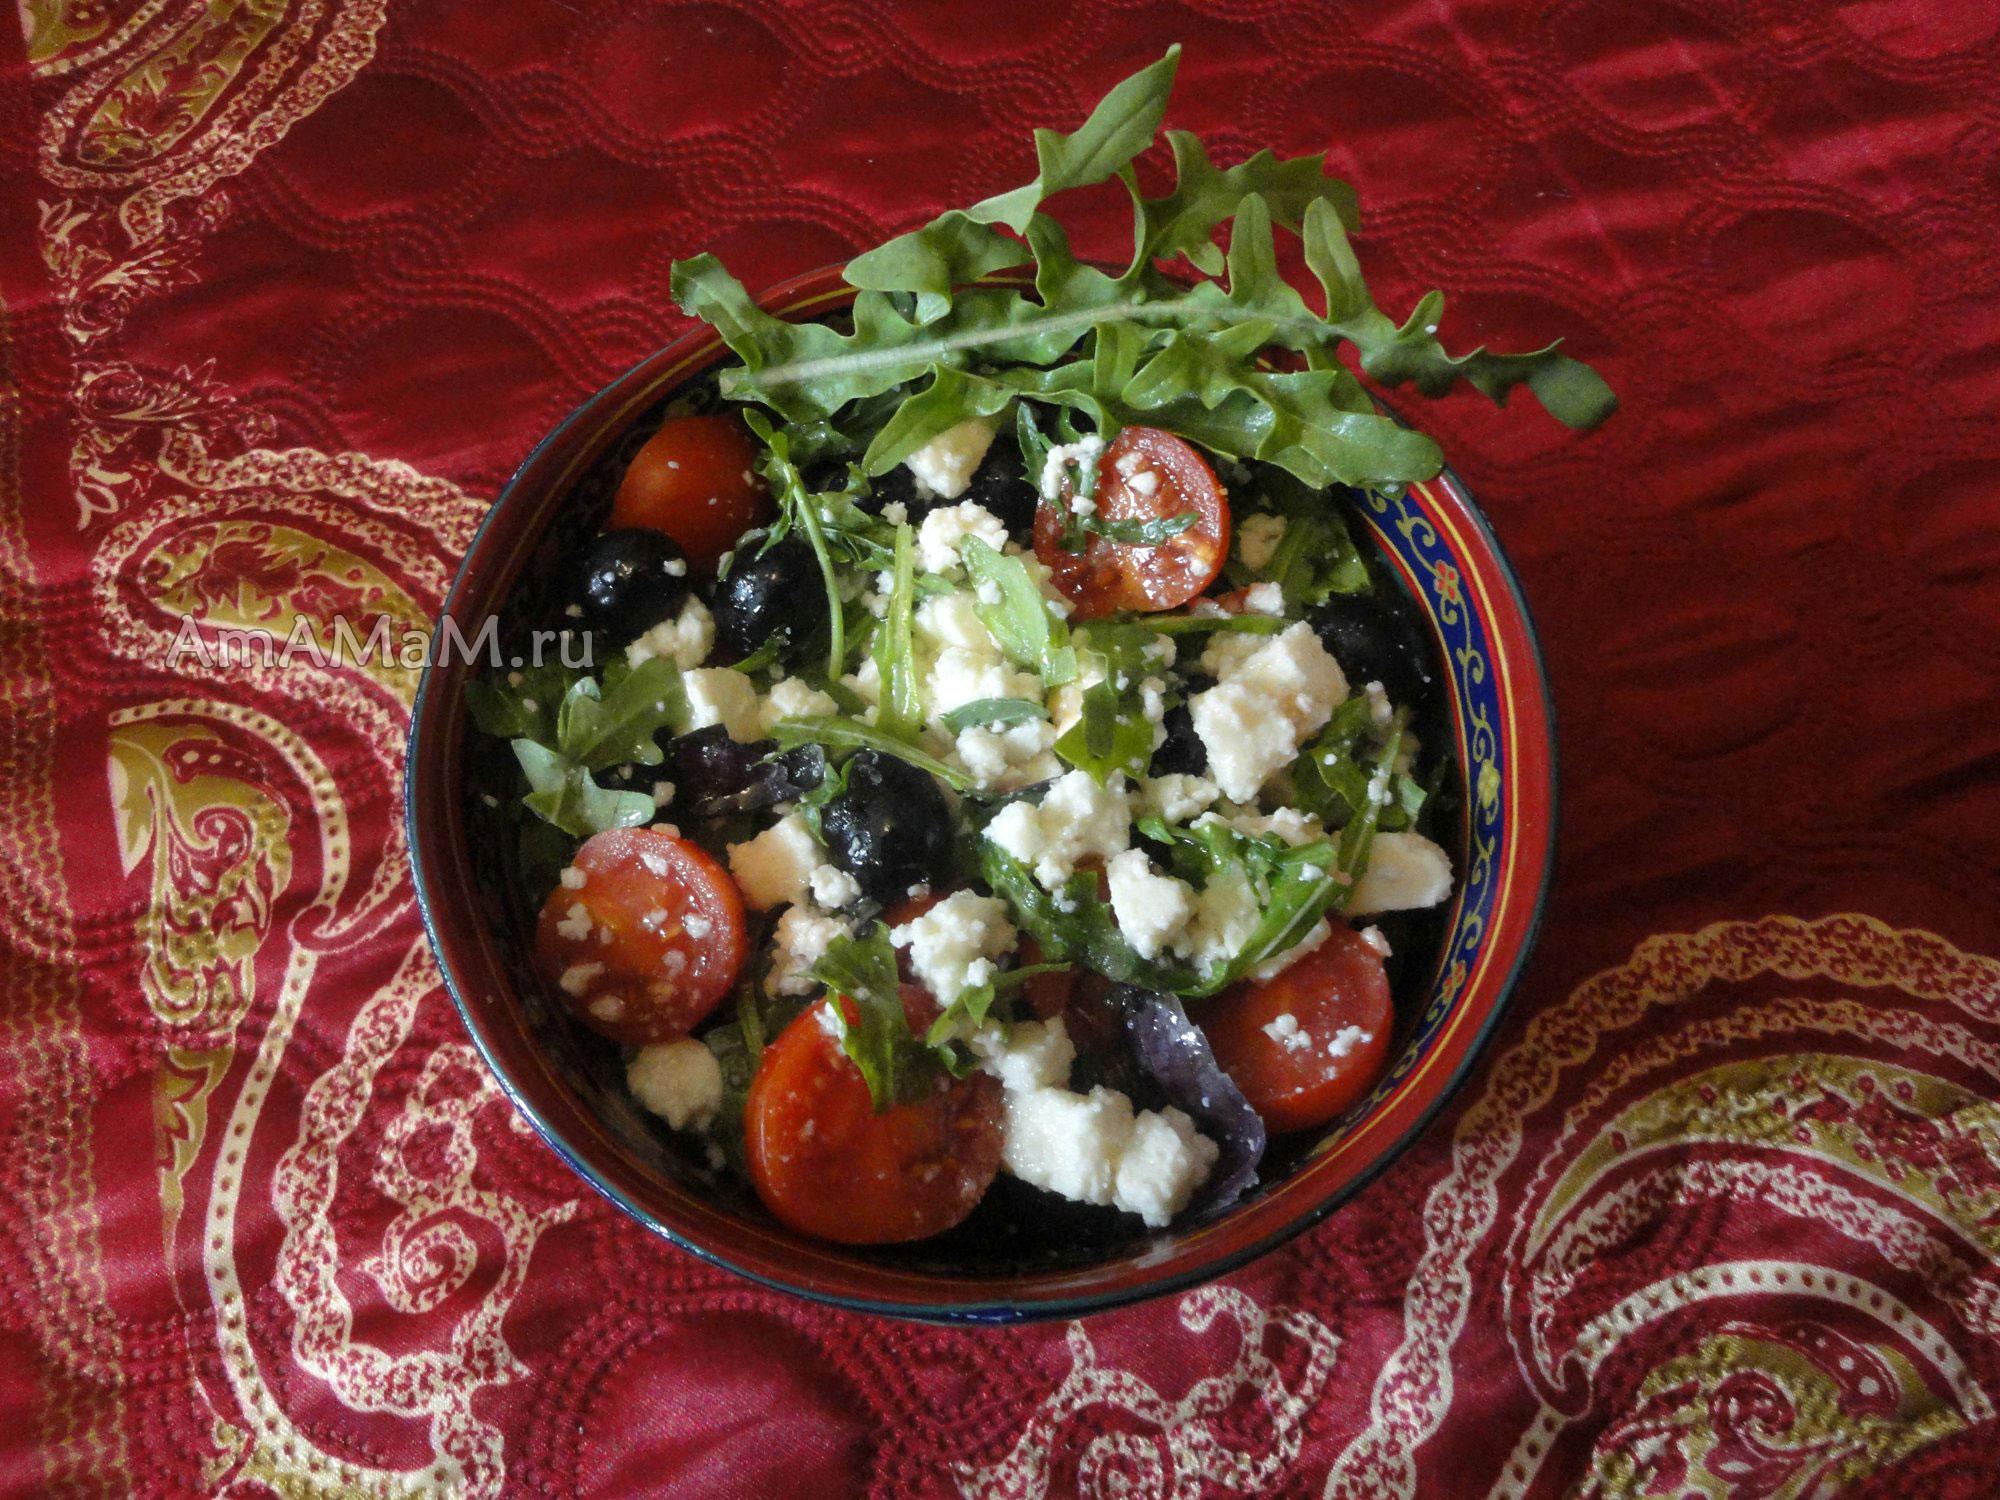 Салат с тунцом и руколой рецепт